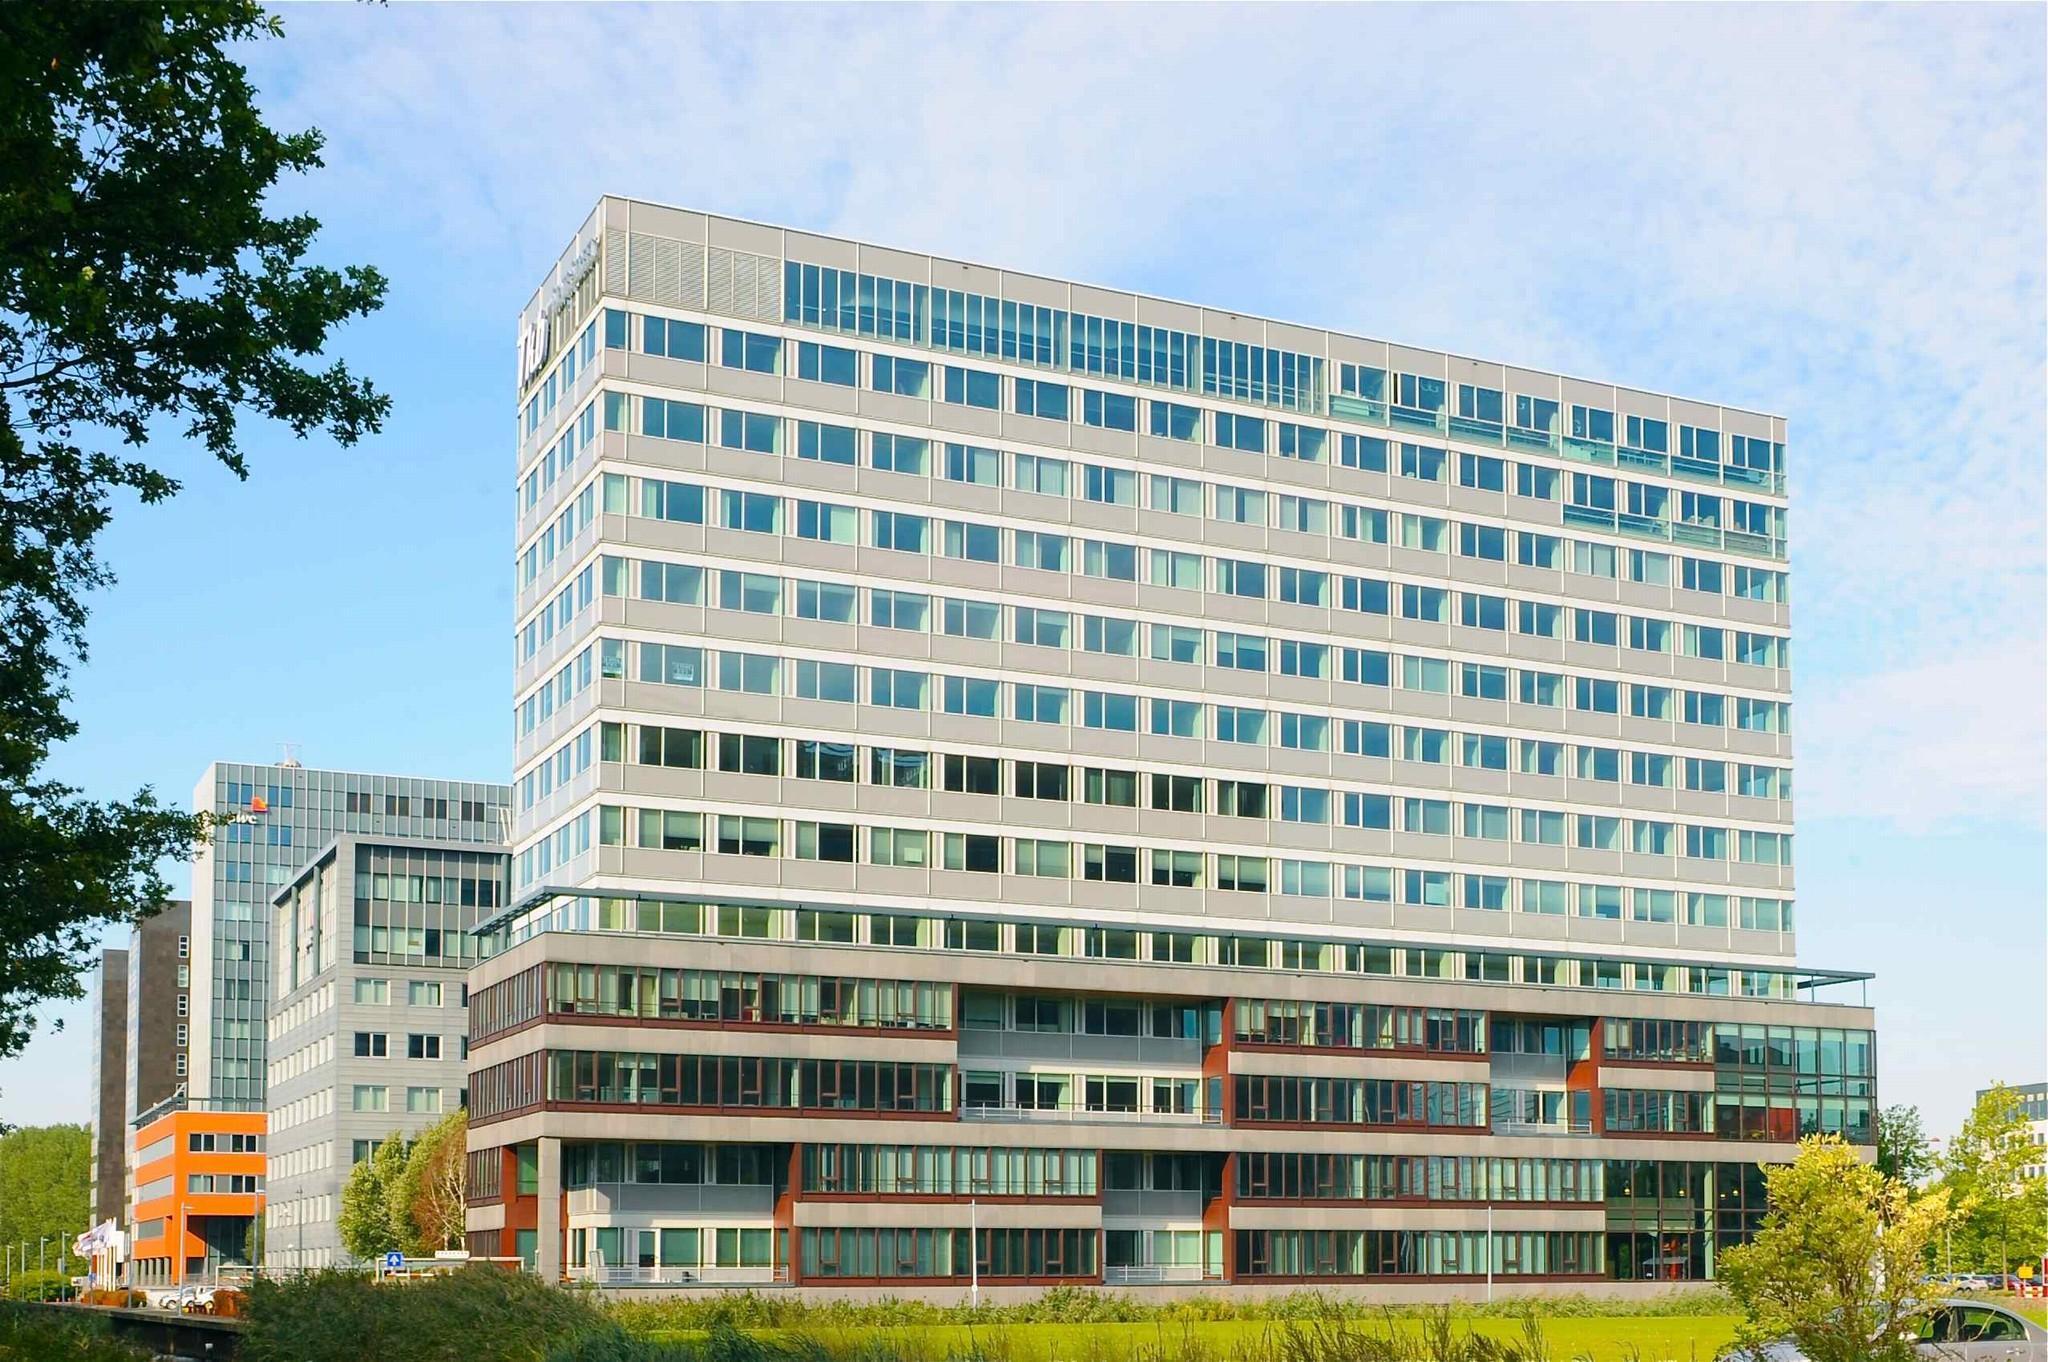 Kantoor Huren Amsterdam : Kantoor huren per uur amsterdam kantoor huren